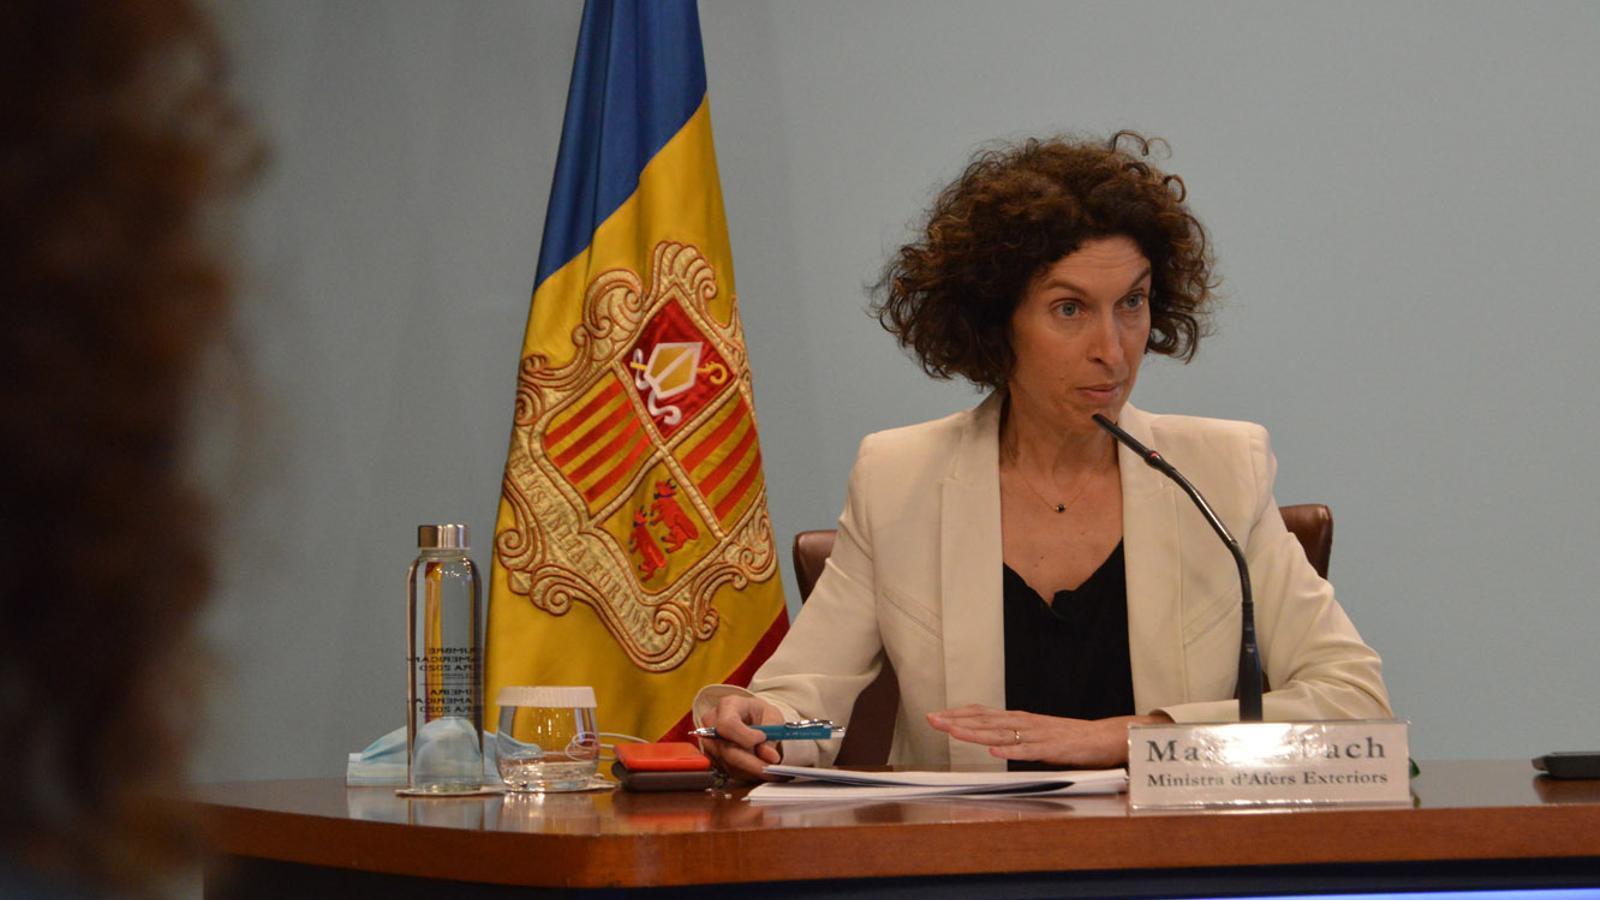 La ministra d'Afers Exteriors, Maria Ubach. / M. F. (ANA)